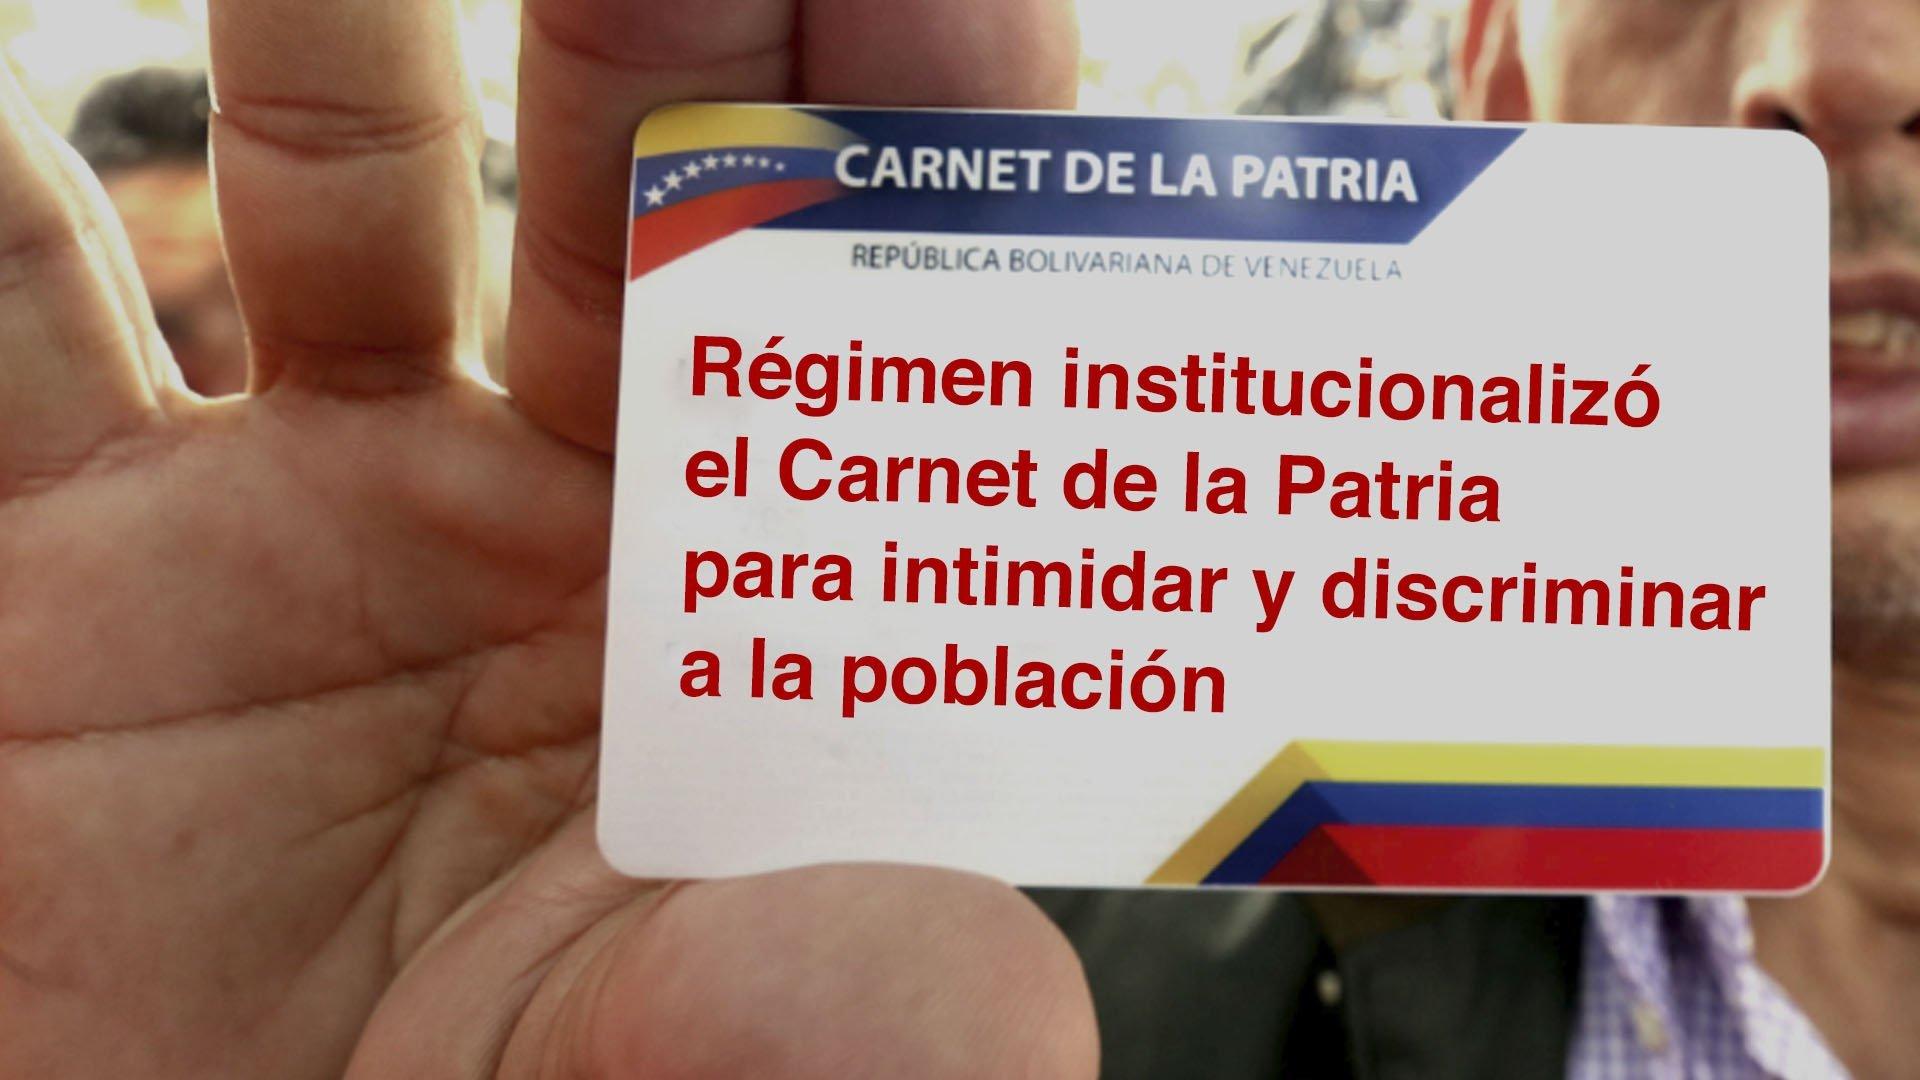 Régimen institucionalizó el Carnet de la Patria para intimidar y discriminar a la población